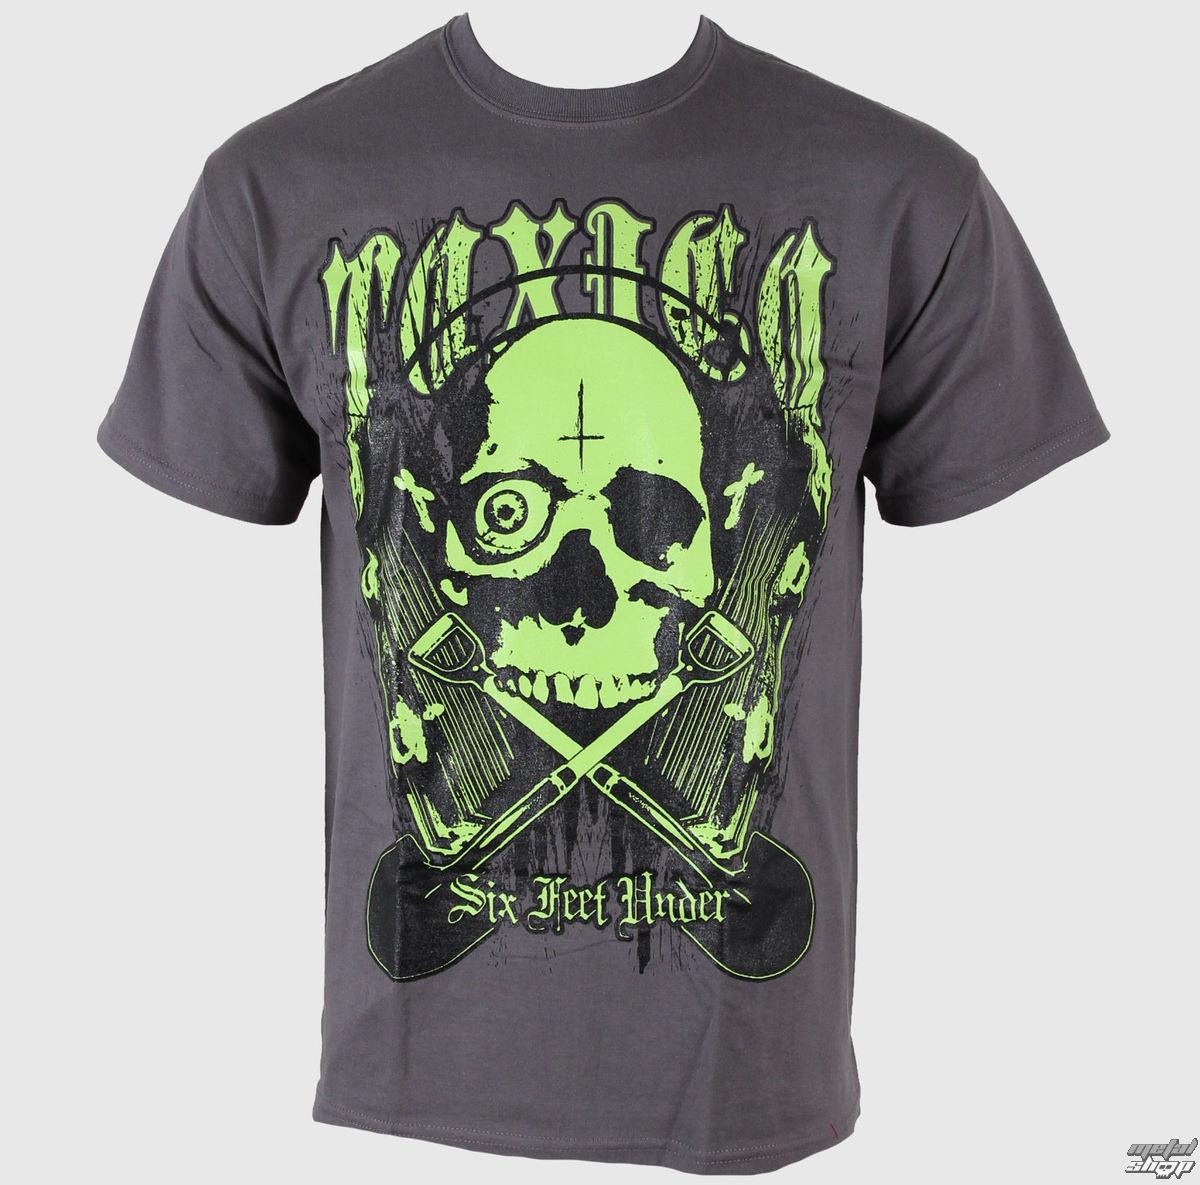 tričko pánské Toxico - Six Feet Under - Charcoal - MT263